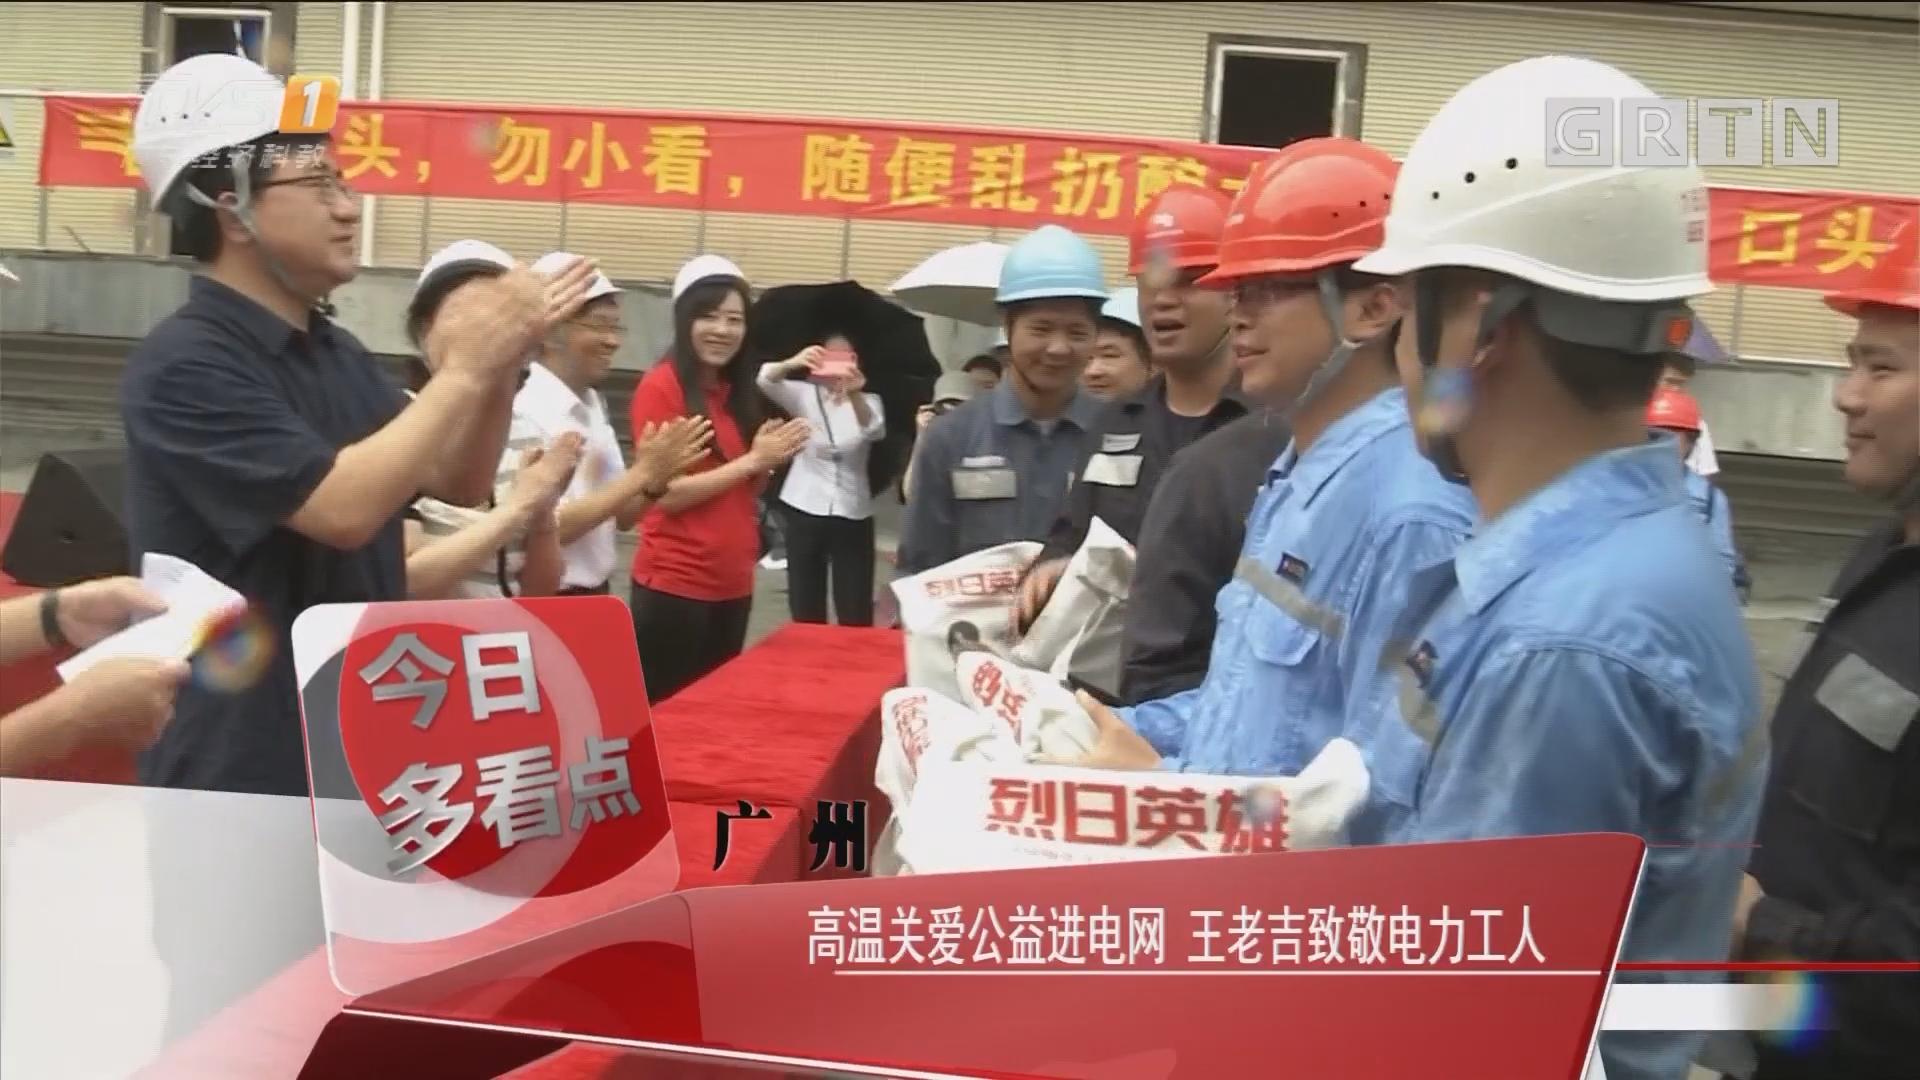 广州:高温关爱公益进电网 王老吉致敬电力工人